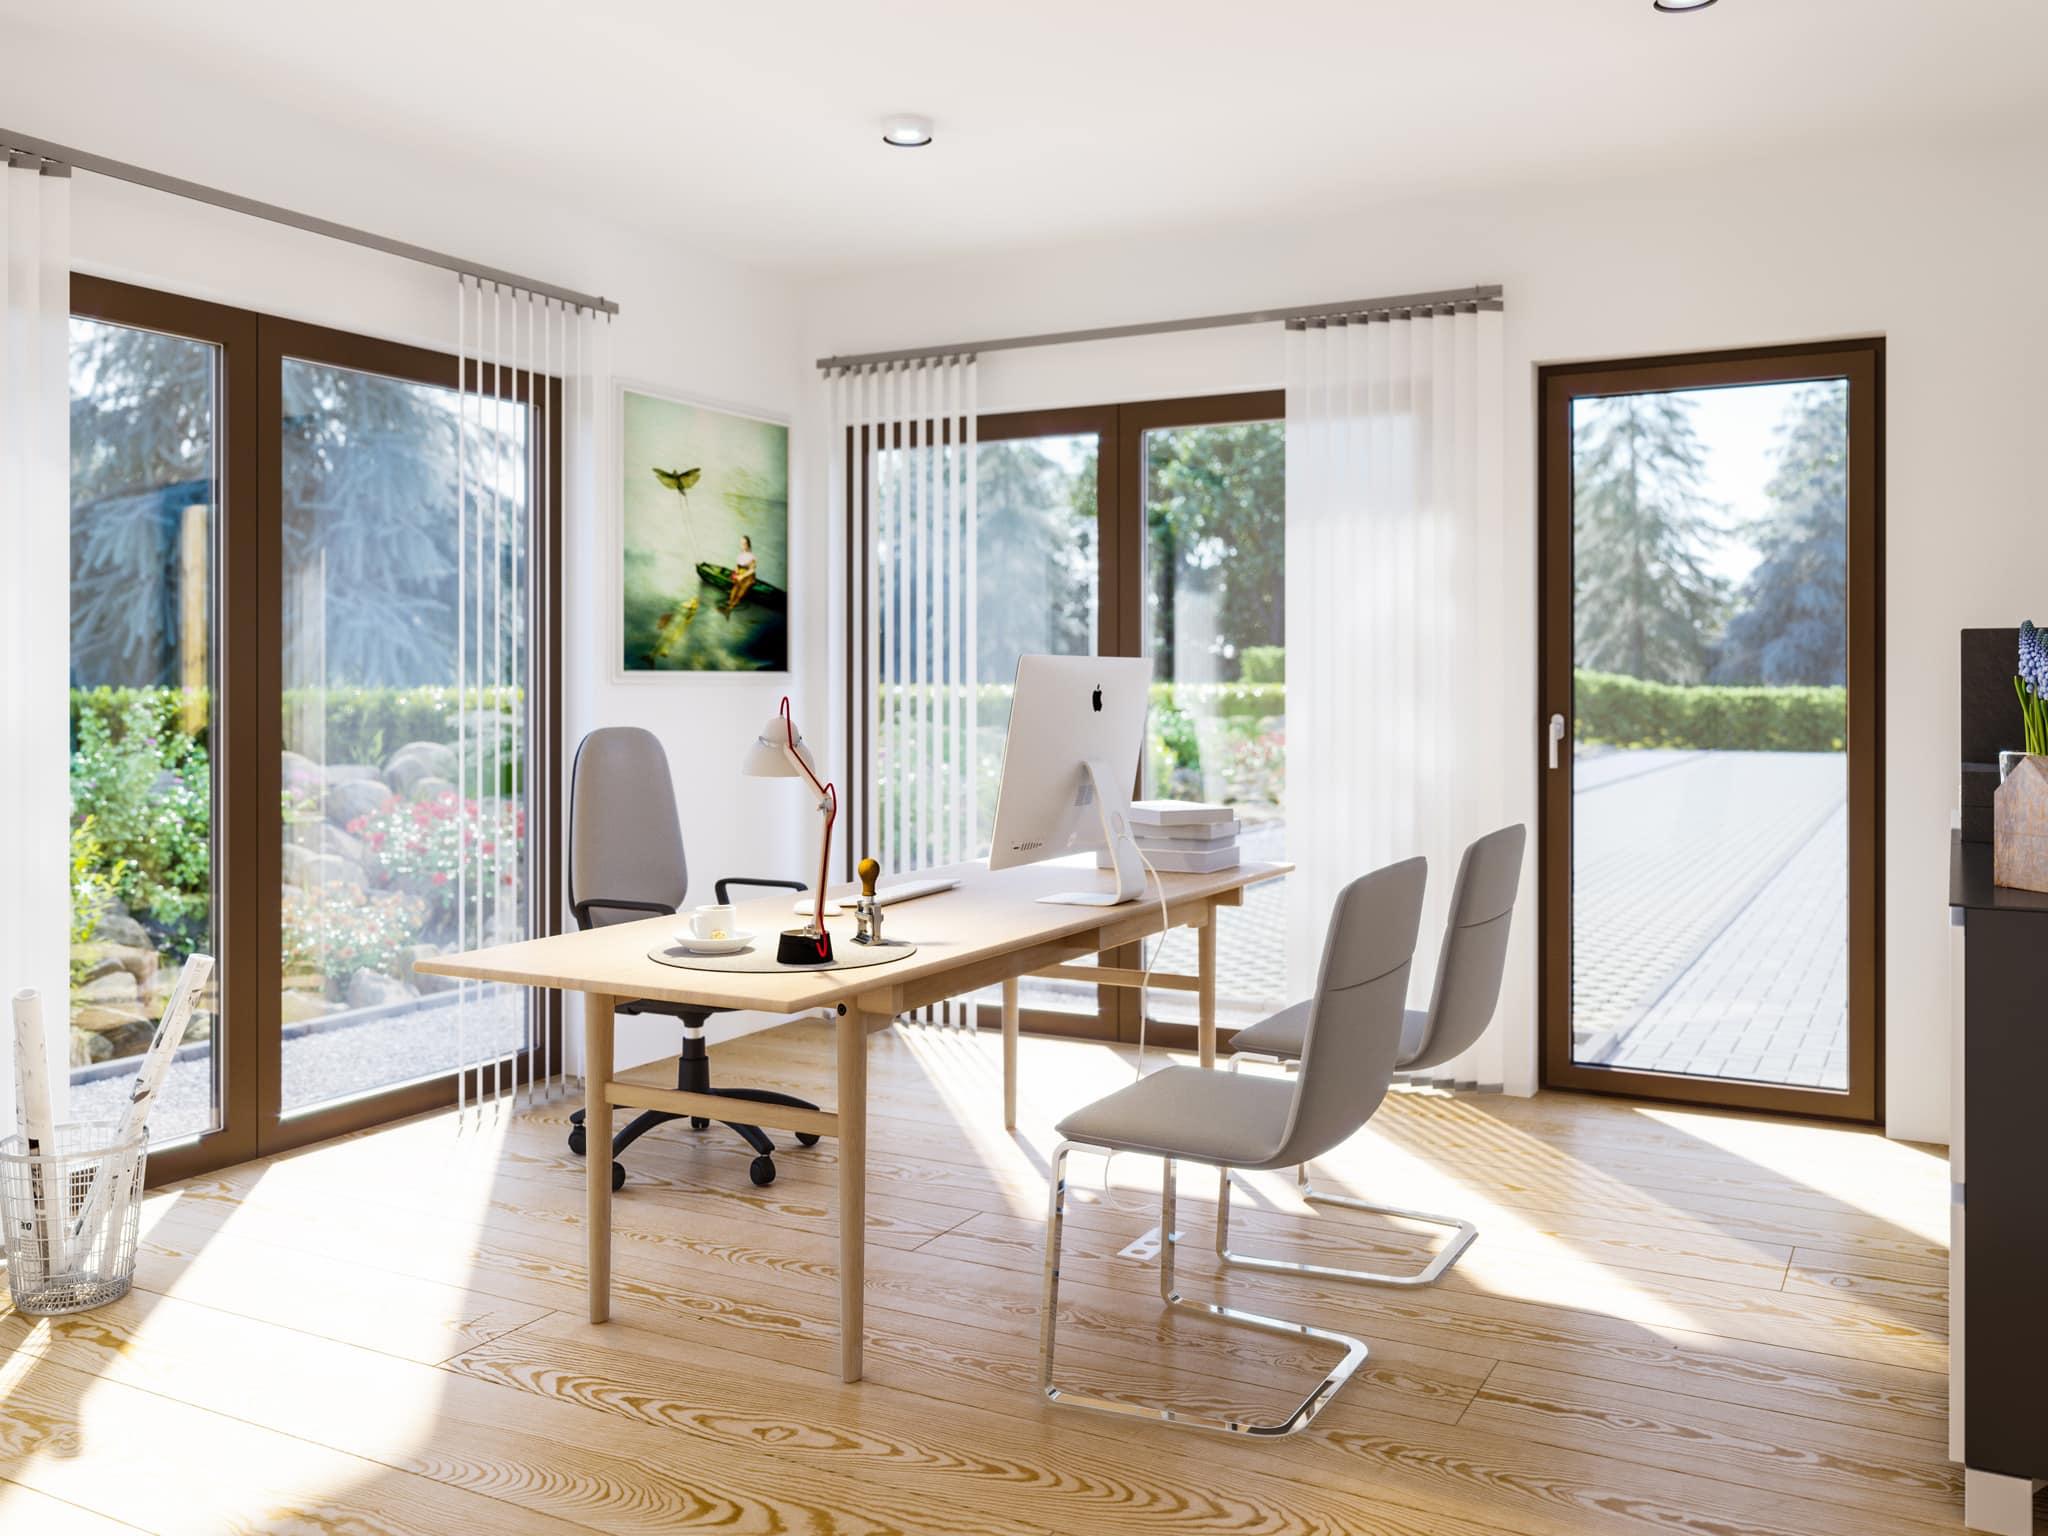 Home Office - Ideen Inneneinrichtung Fertighaus Living Haus SUNSHINE 144 V3 - HausbauDirekt.de